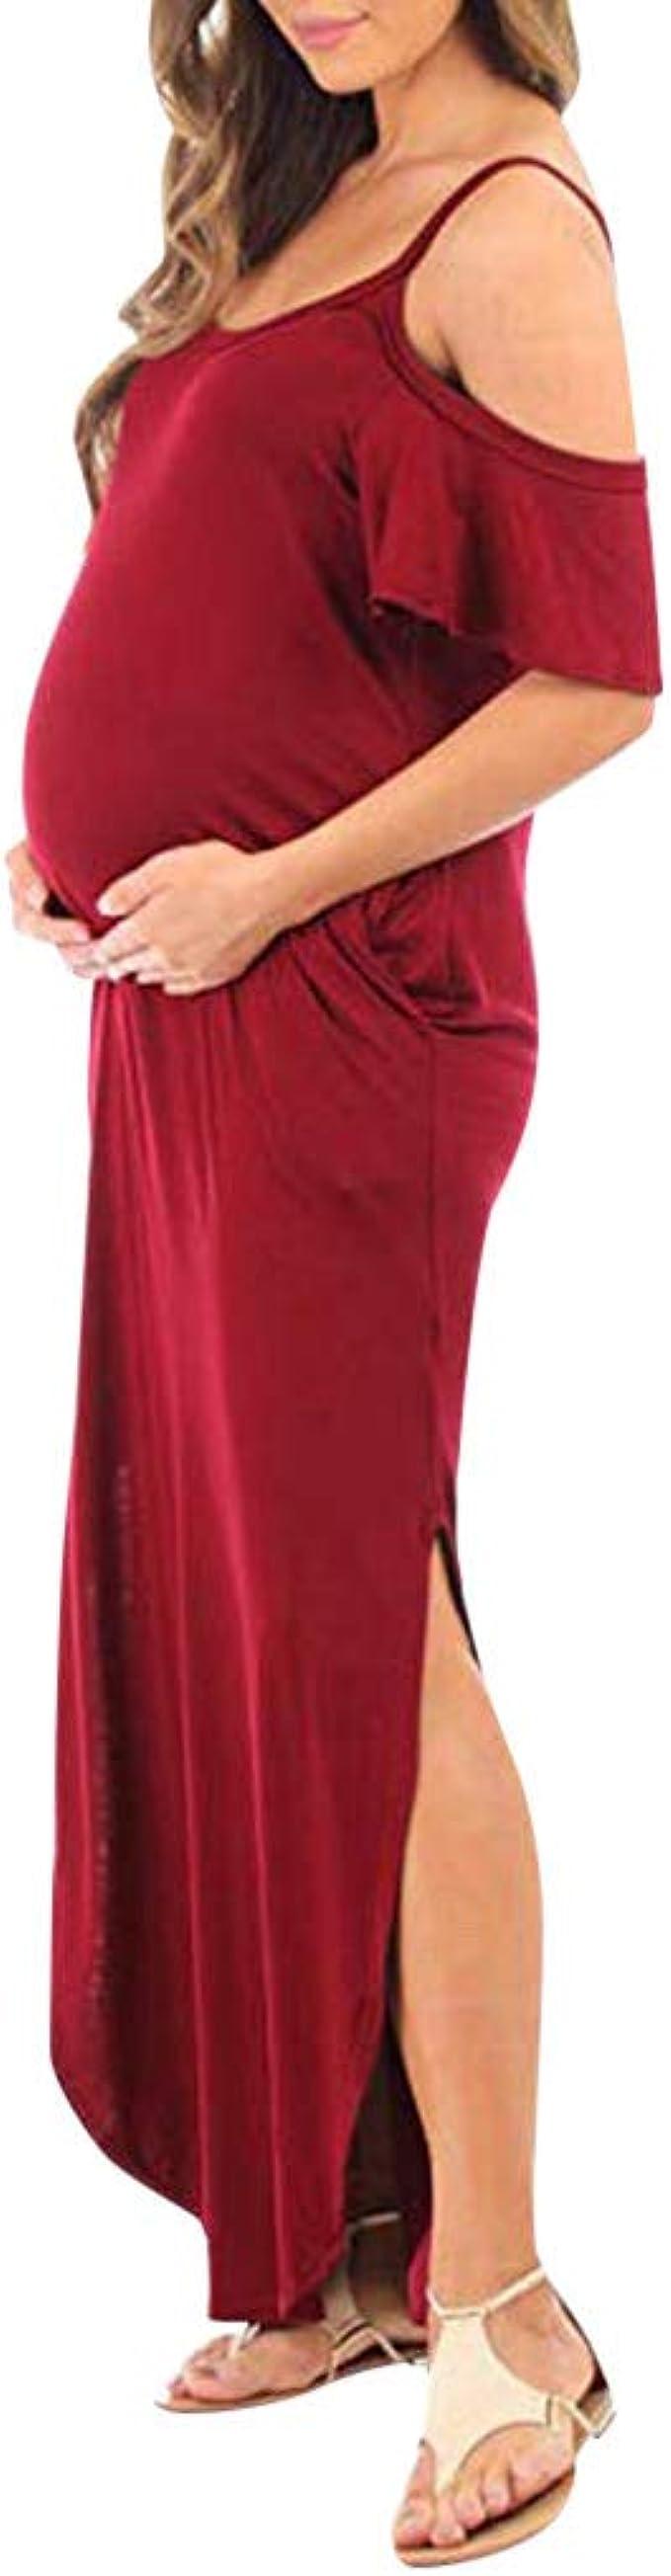 Vestido Premam/á,Gusspower Ropa Embarazada Cuello V Mixi Vestidos Maternidad Fiesta Boda Moda Vestido Embarazo Manga Corta Elegante Vestido De Lactancia Camison Talla Grande Faldas Largas Verano